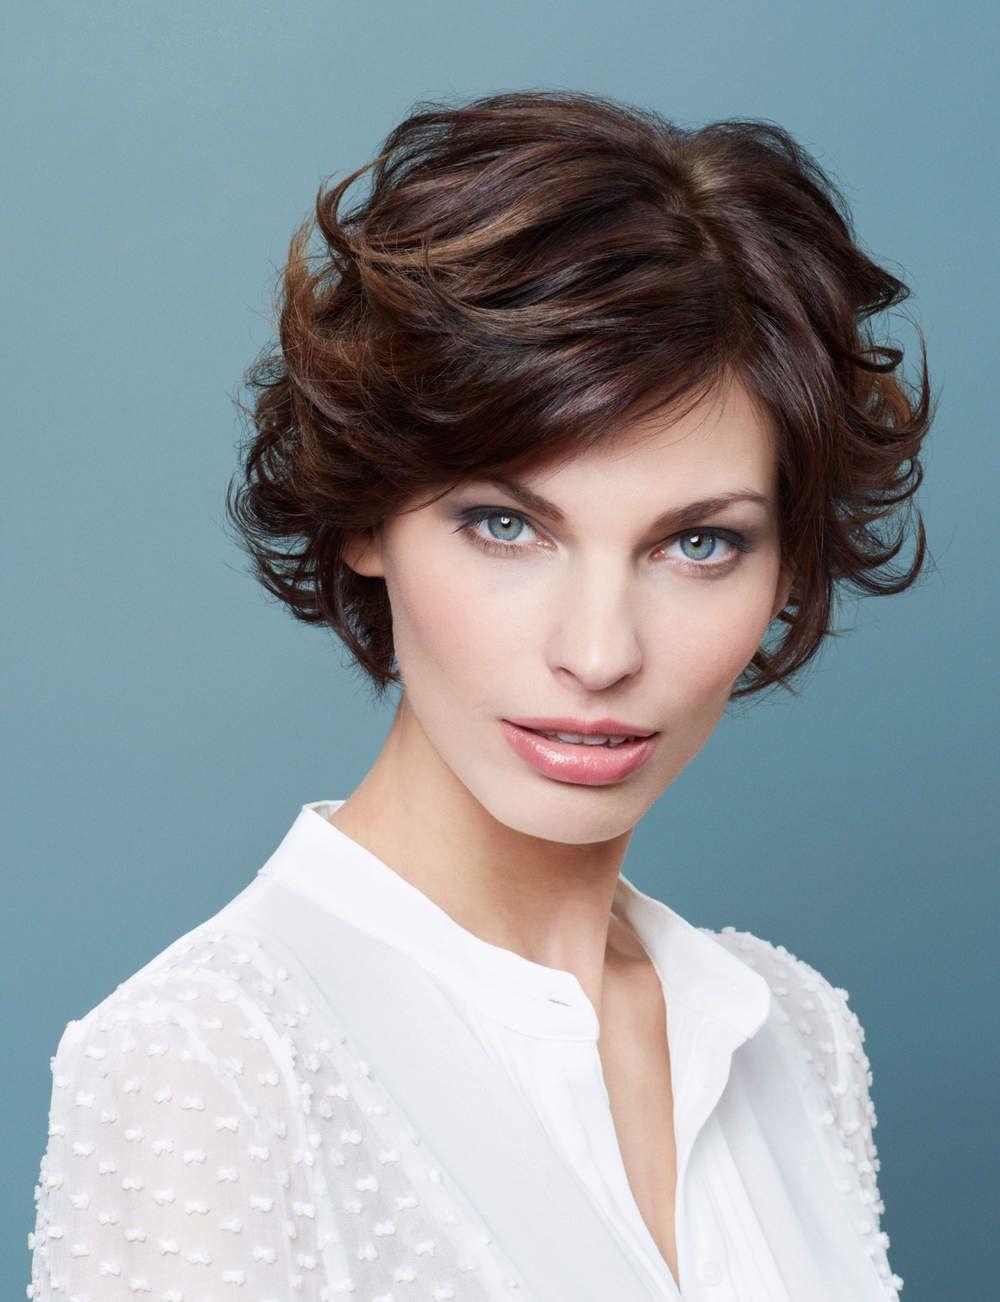 coupe courte 45 ans - Recherche Google | Coupe de cheveux, Idées de coiffures, Coiffure